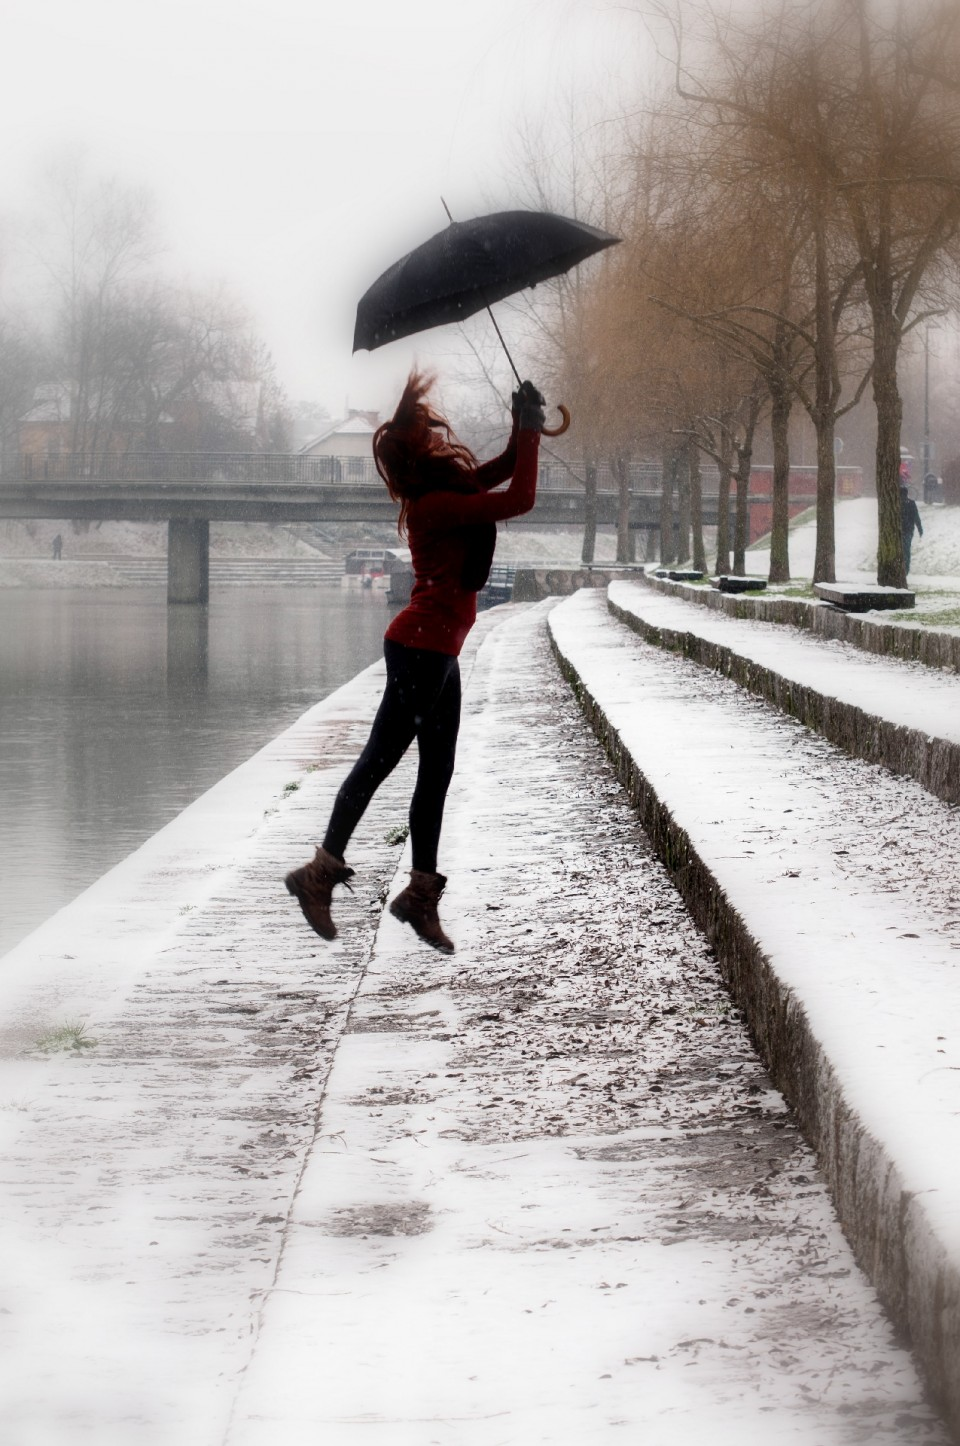 雨が降ったら傘を差し出しましょう